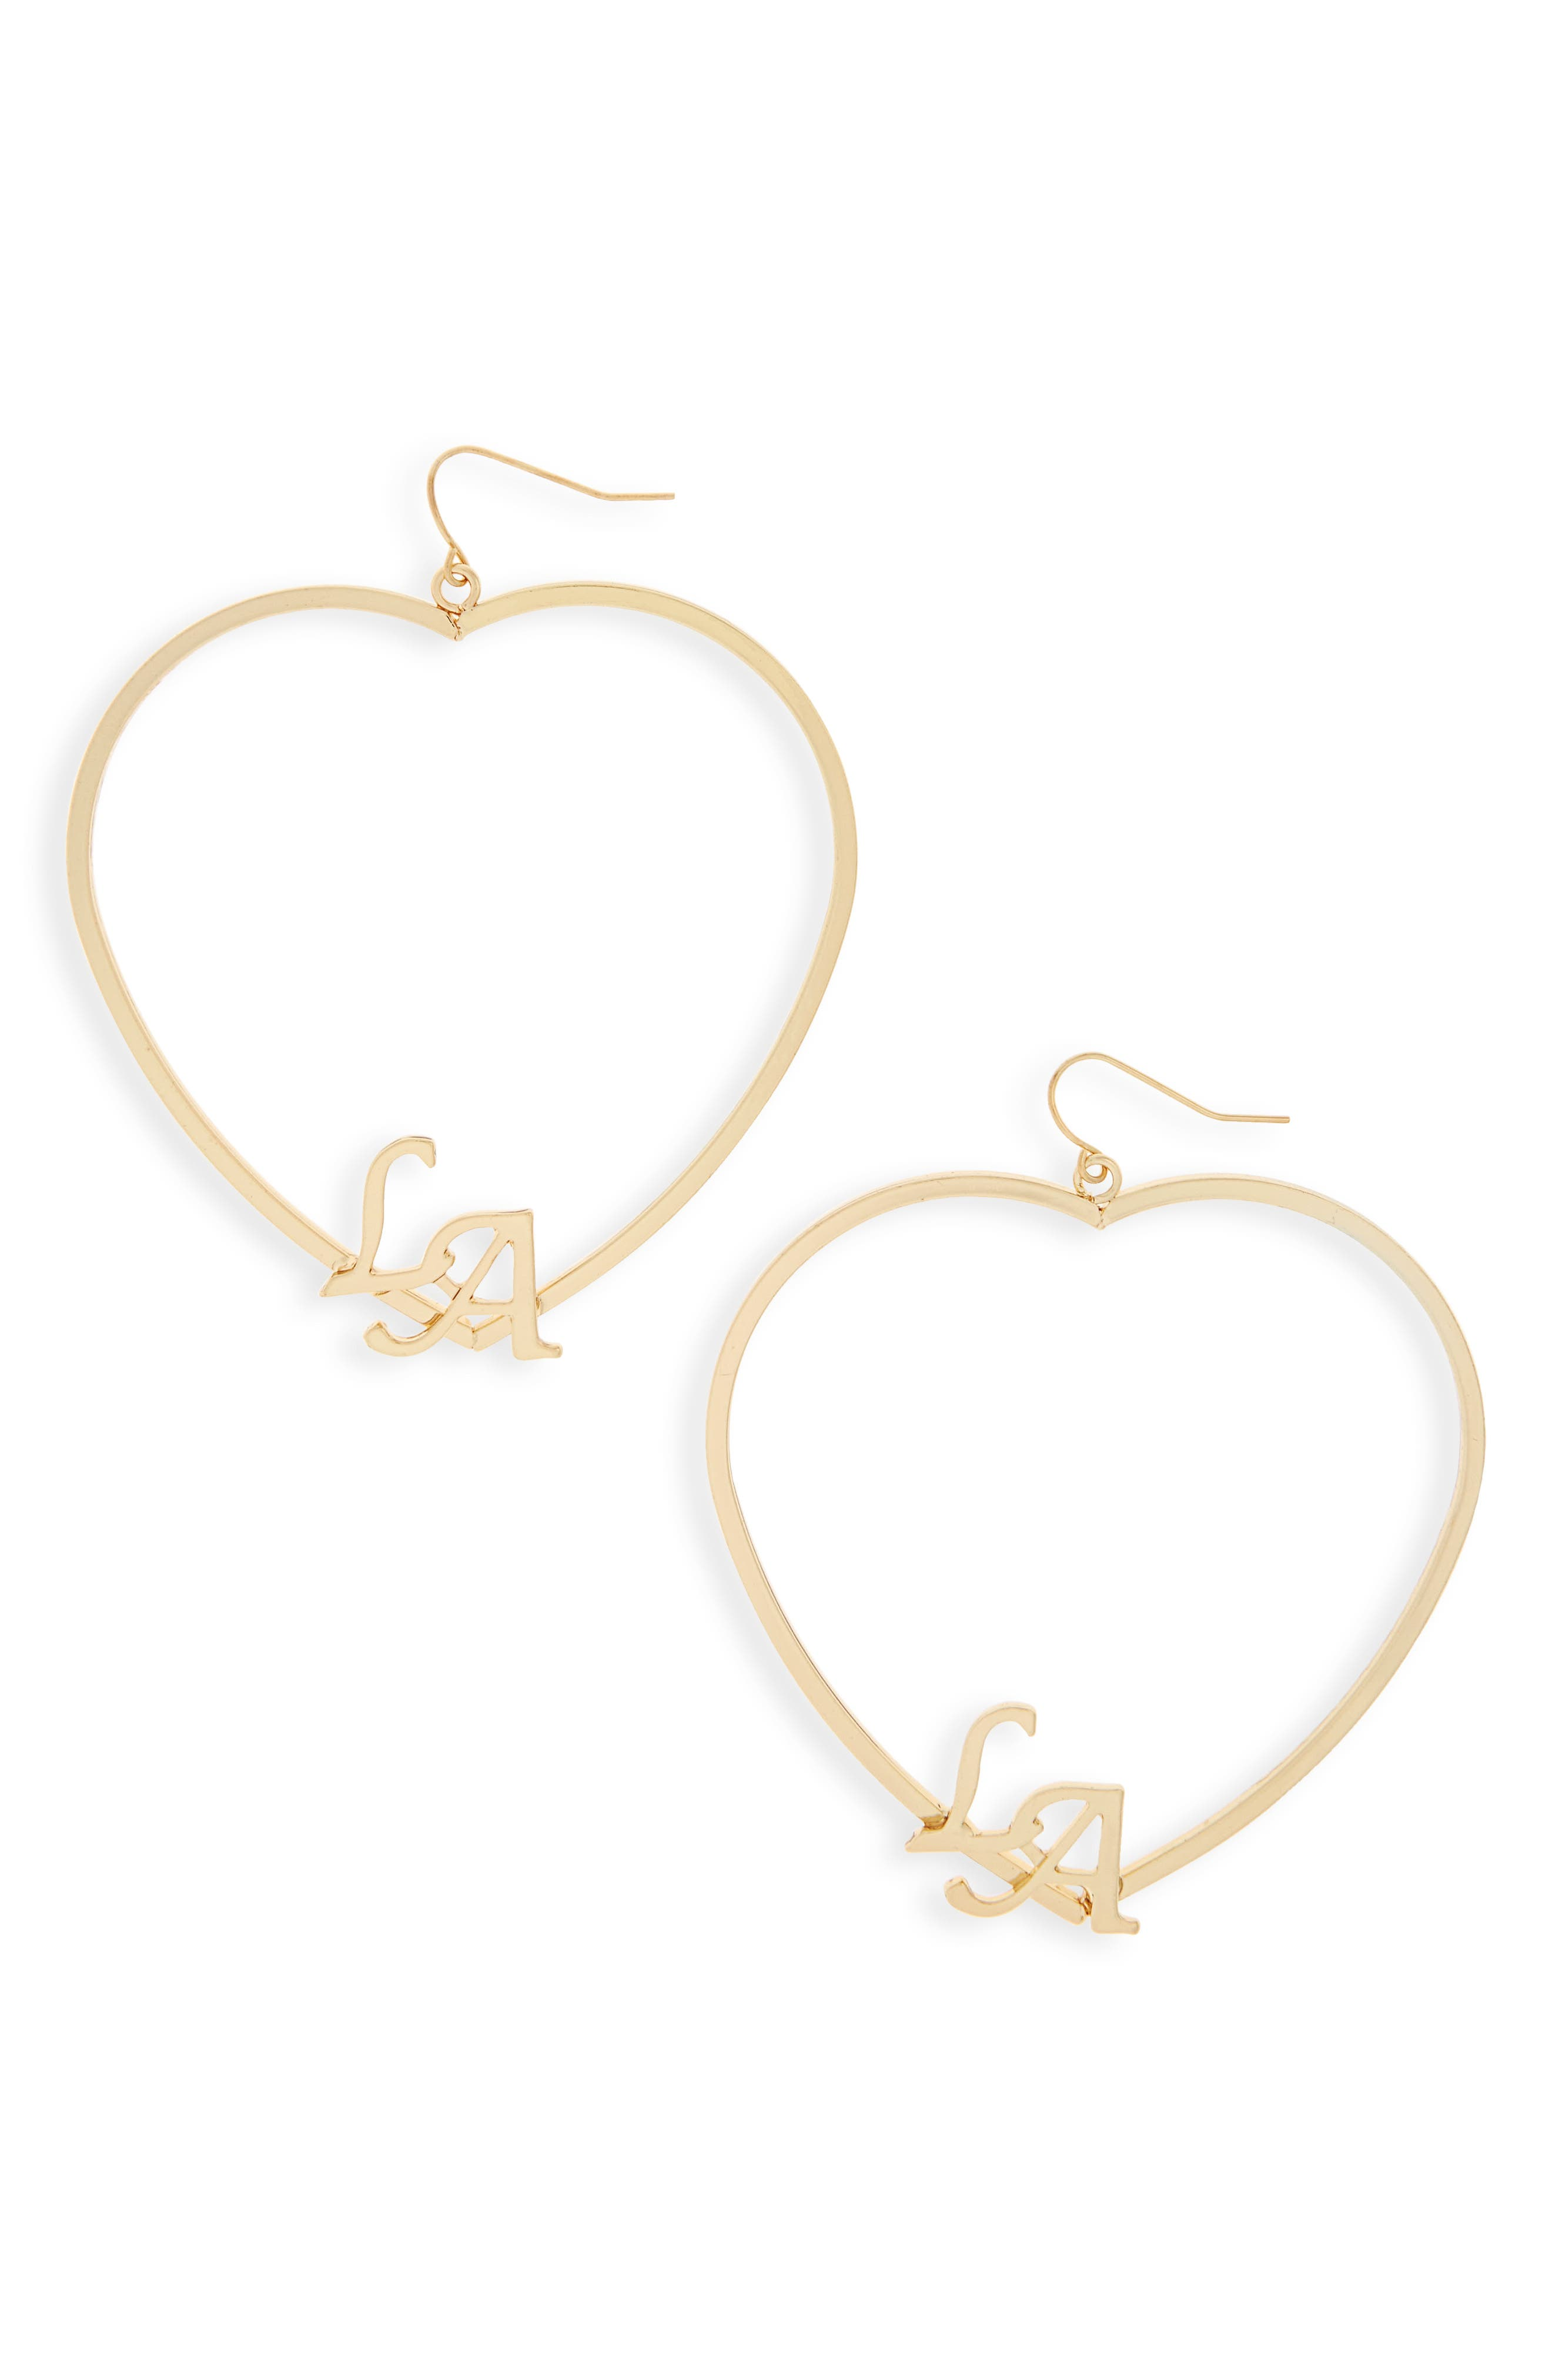 LA Heart Earrings,                         Main,                         color, Gold